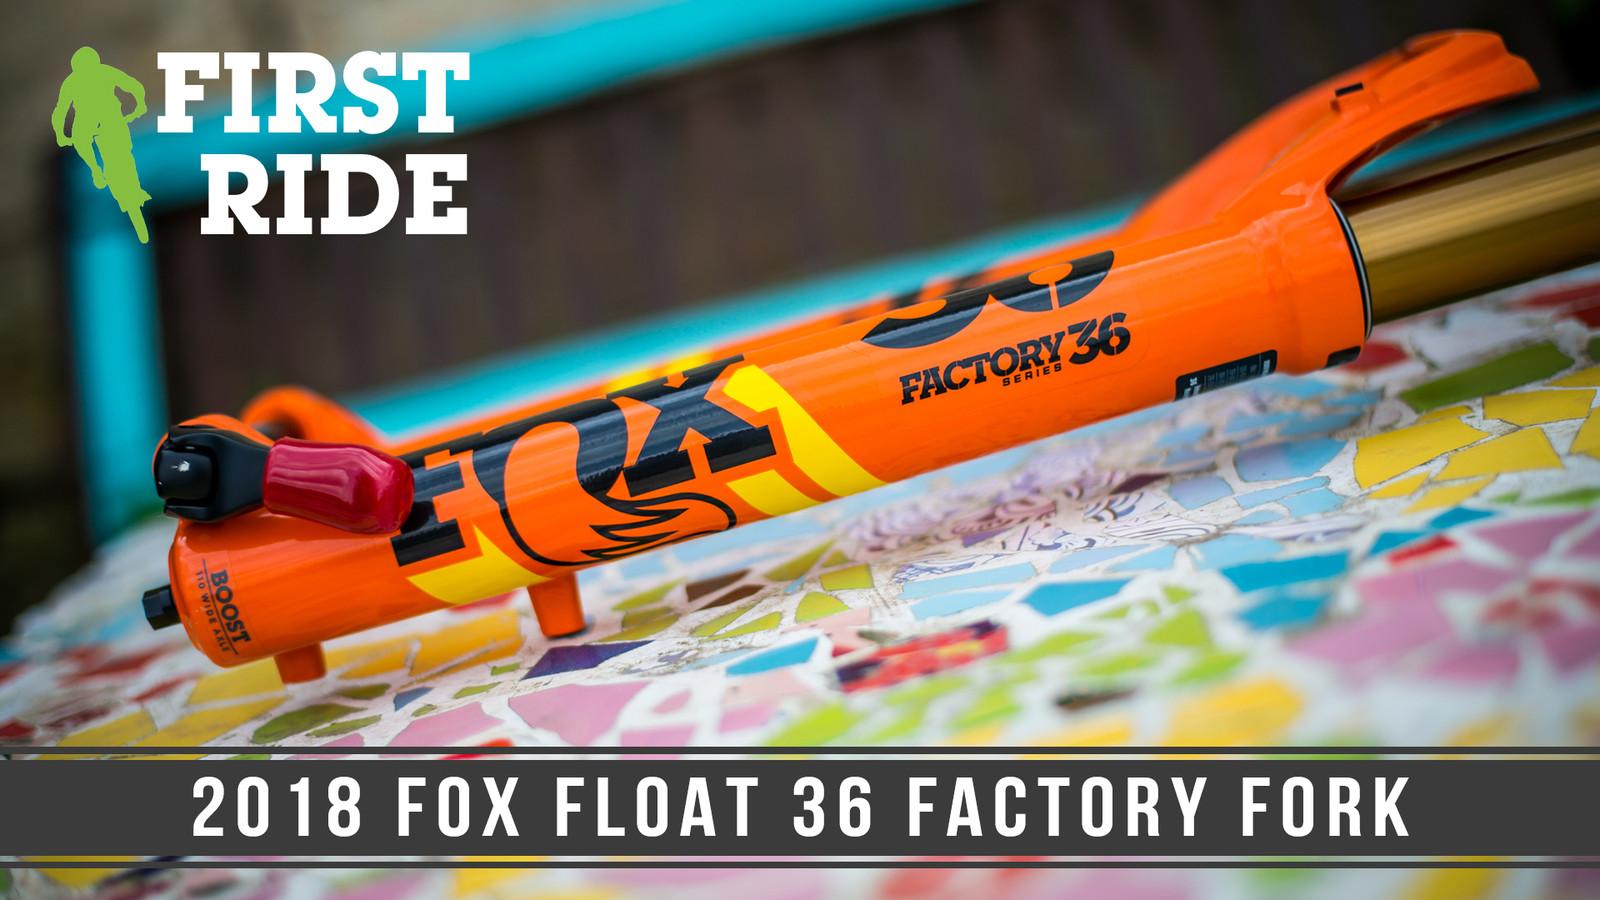 FOX 36 Factory FLOAT 2018 Fork - Reviews, Comparisons, Specs